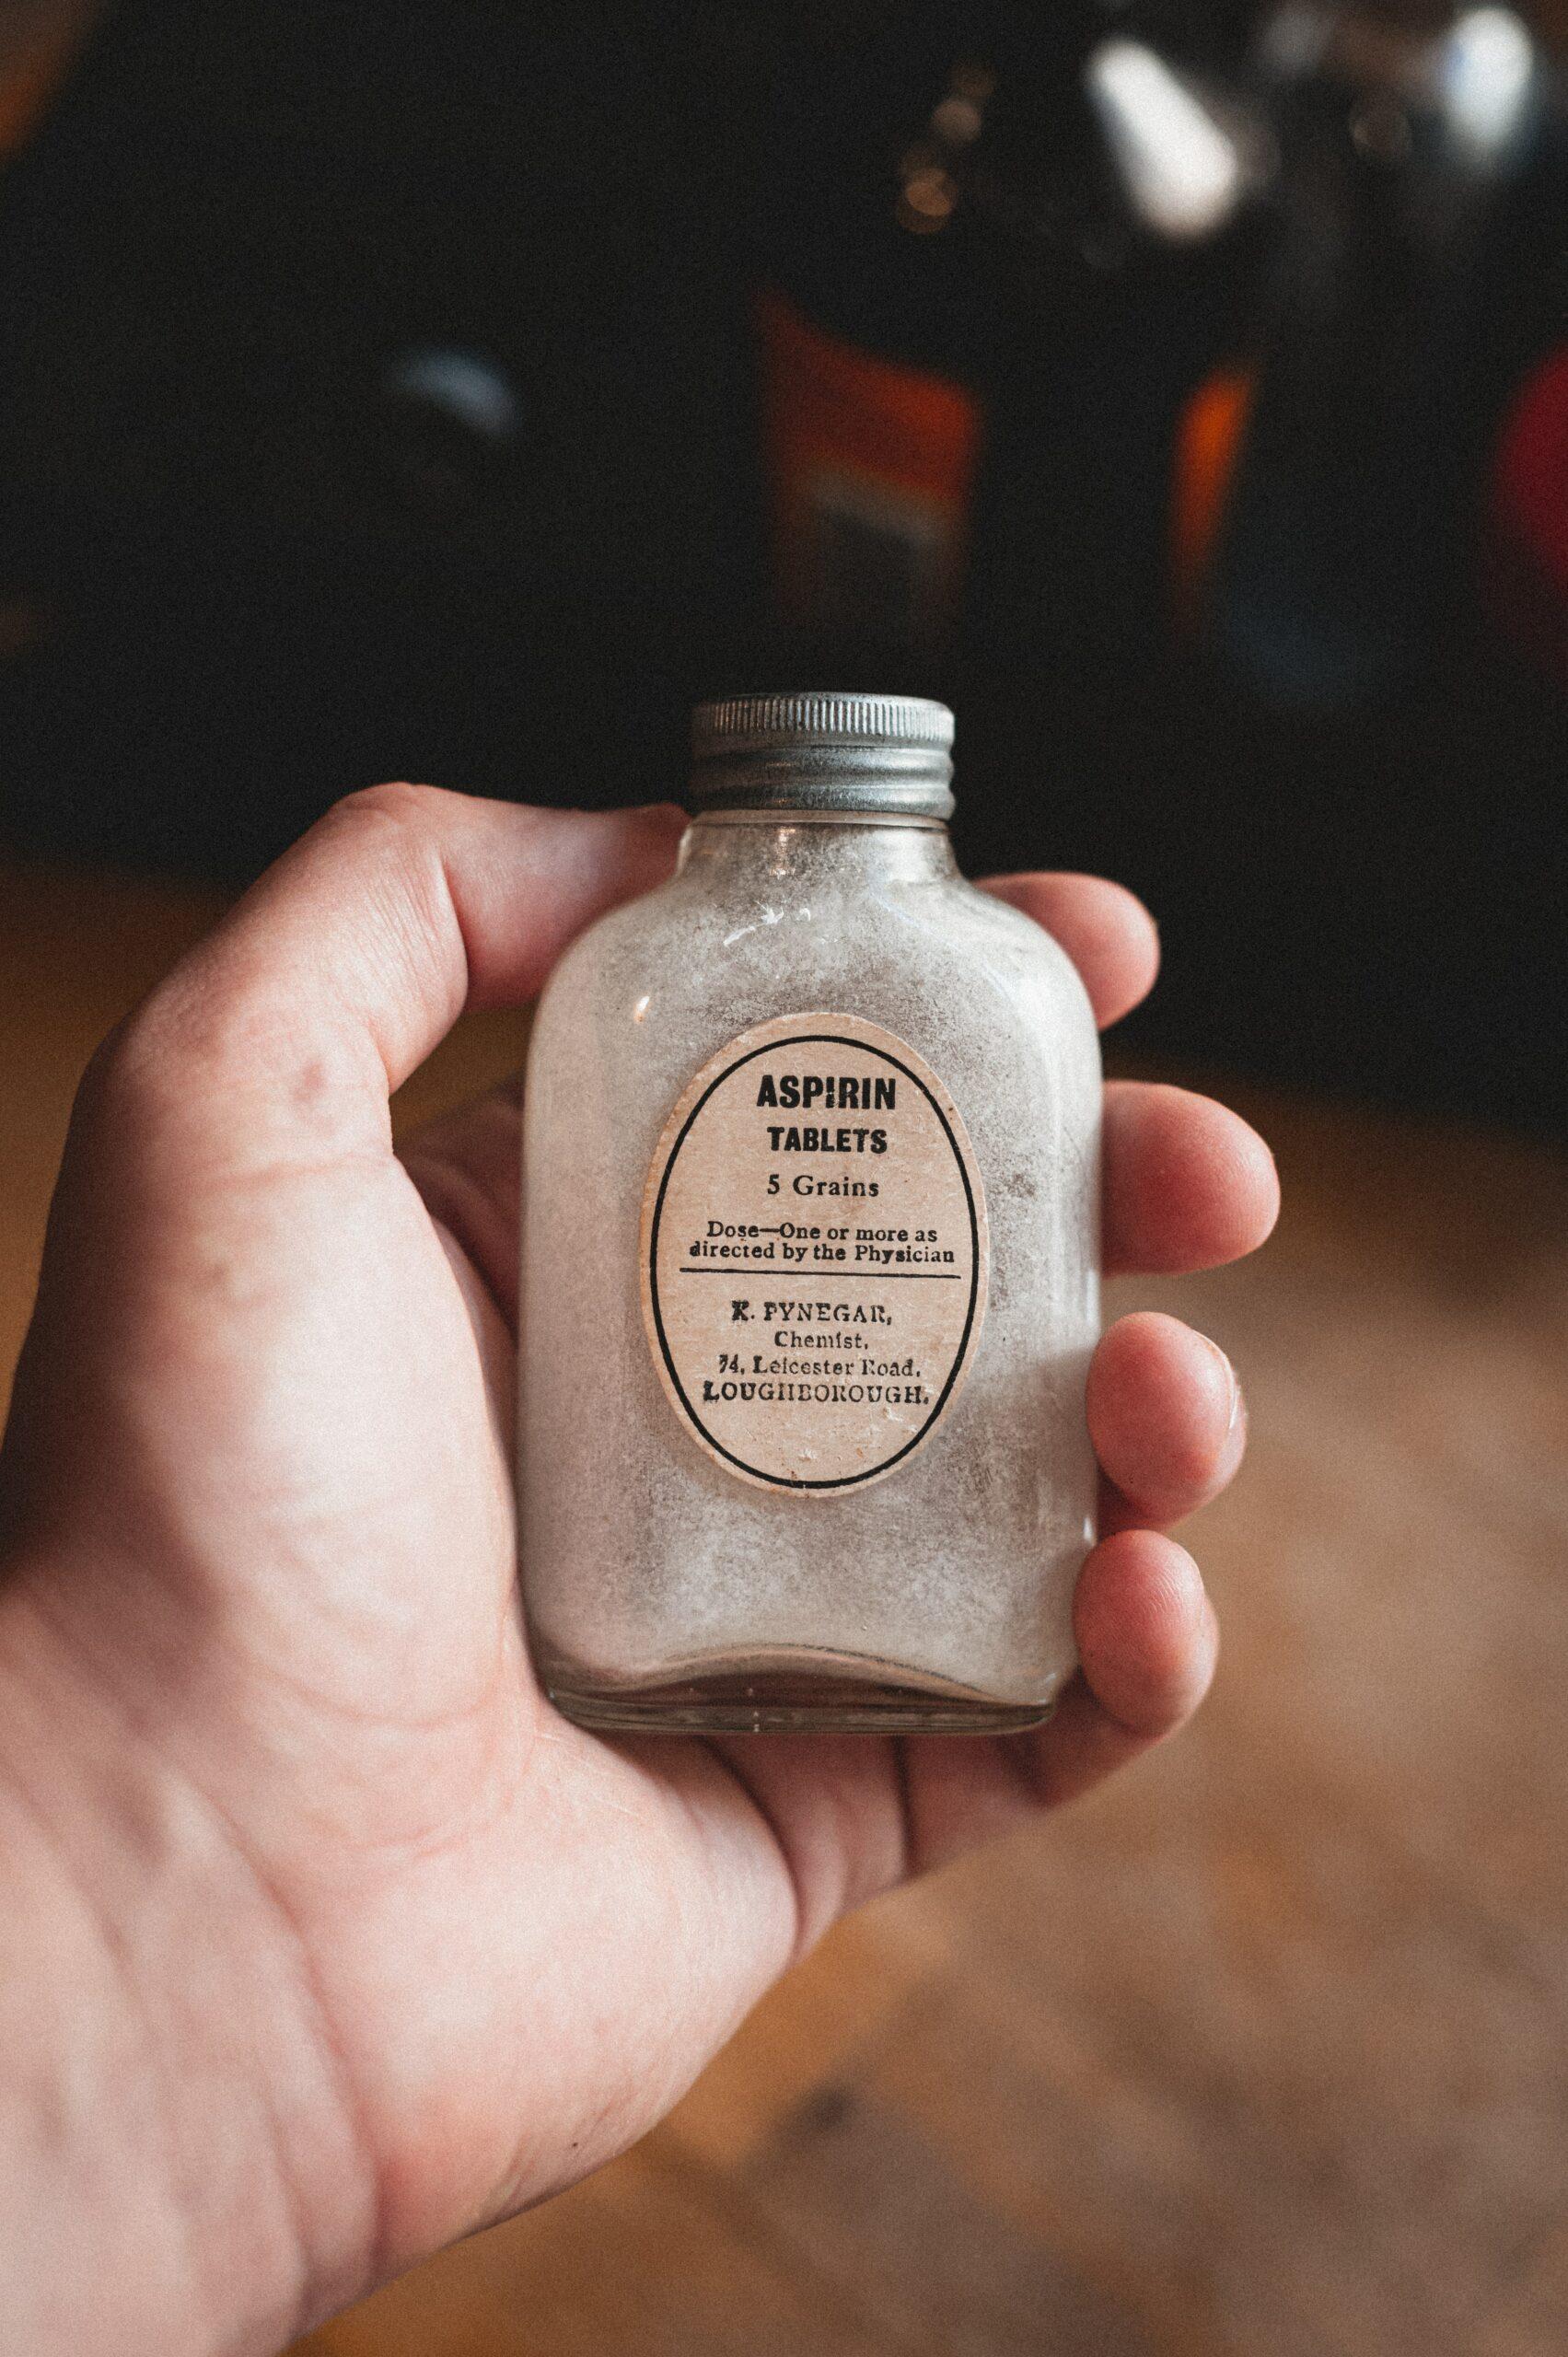 NE UZIMAJTE NA SVOJU RUKU Aspirin nije bezazlen!